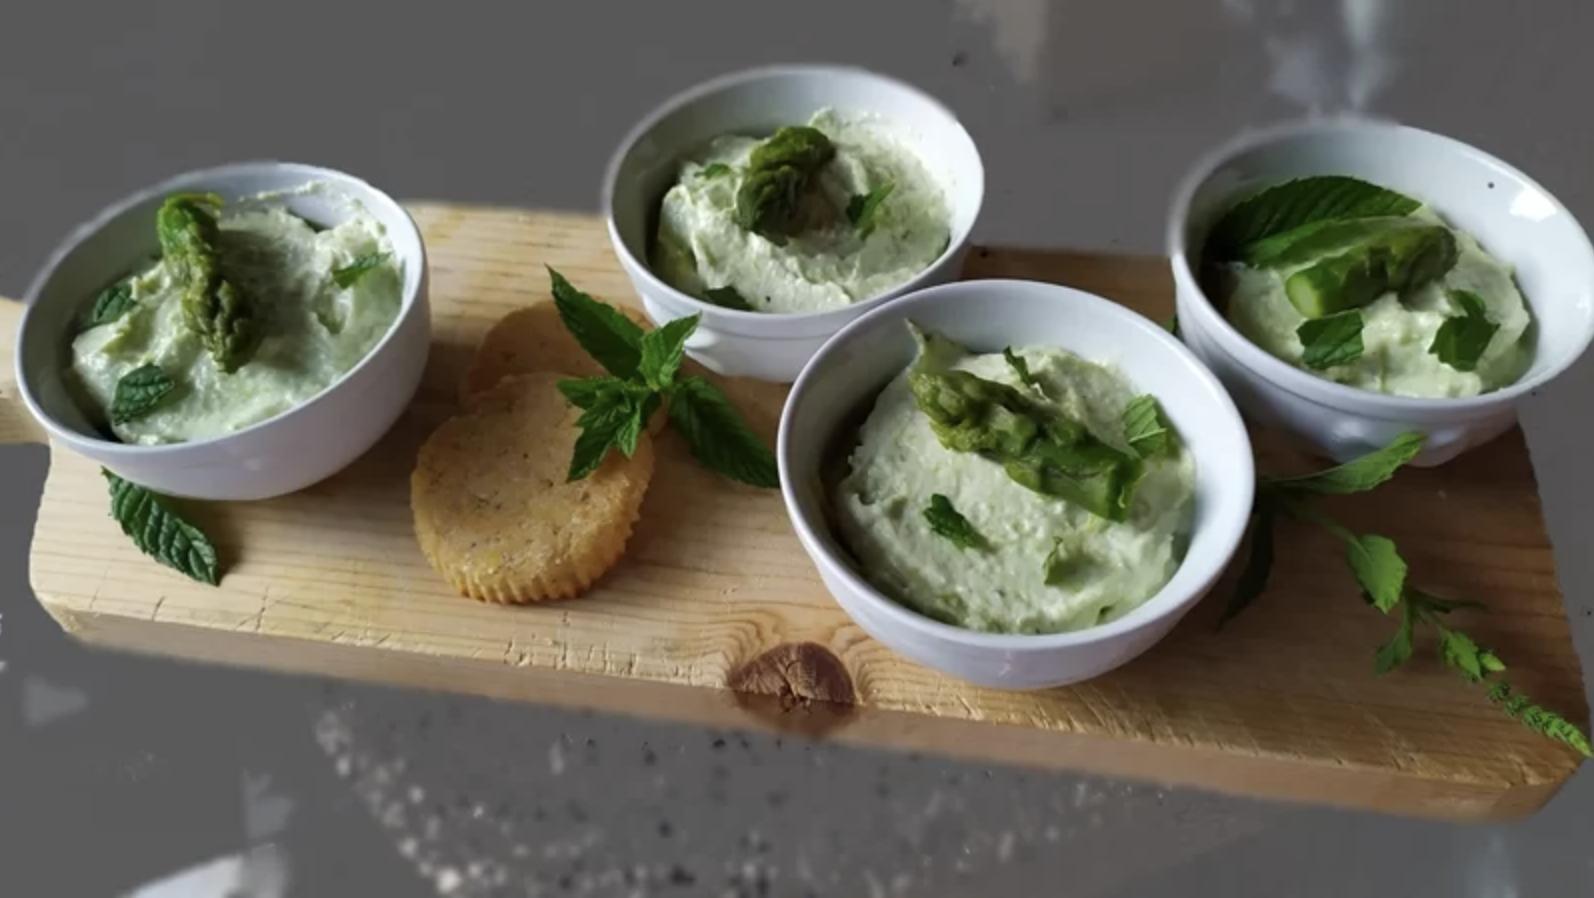 budini-di-formaggio-fresco-e-asparagi,-profumati-al-limone:-un-fresco-e-delizioso-antipasto